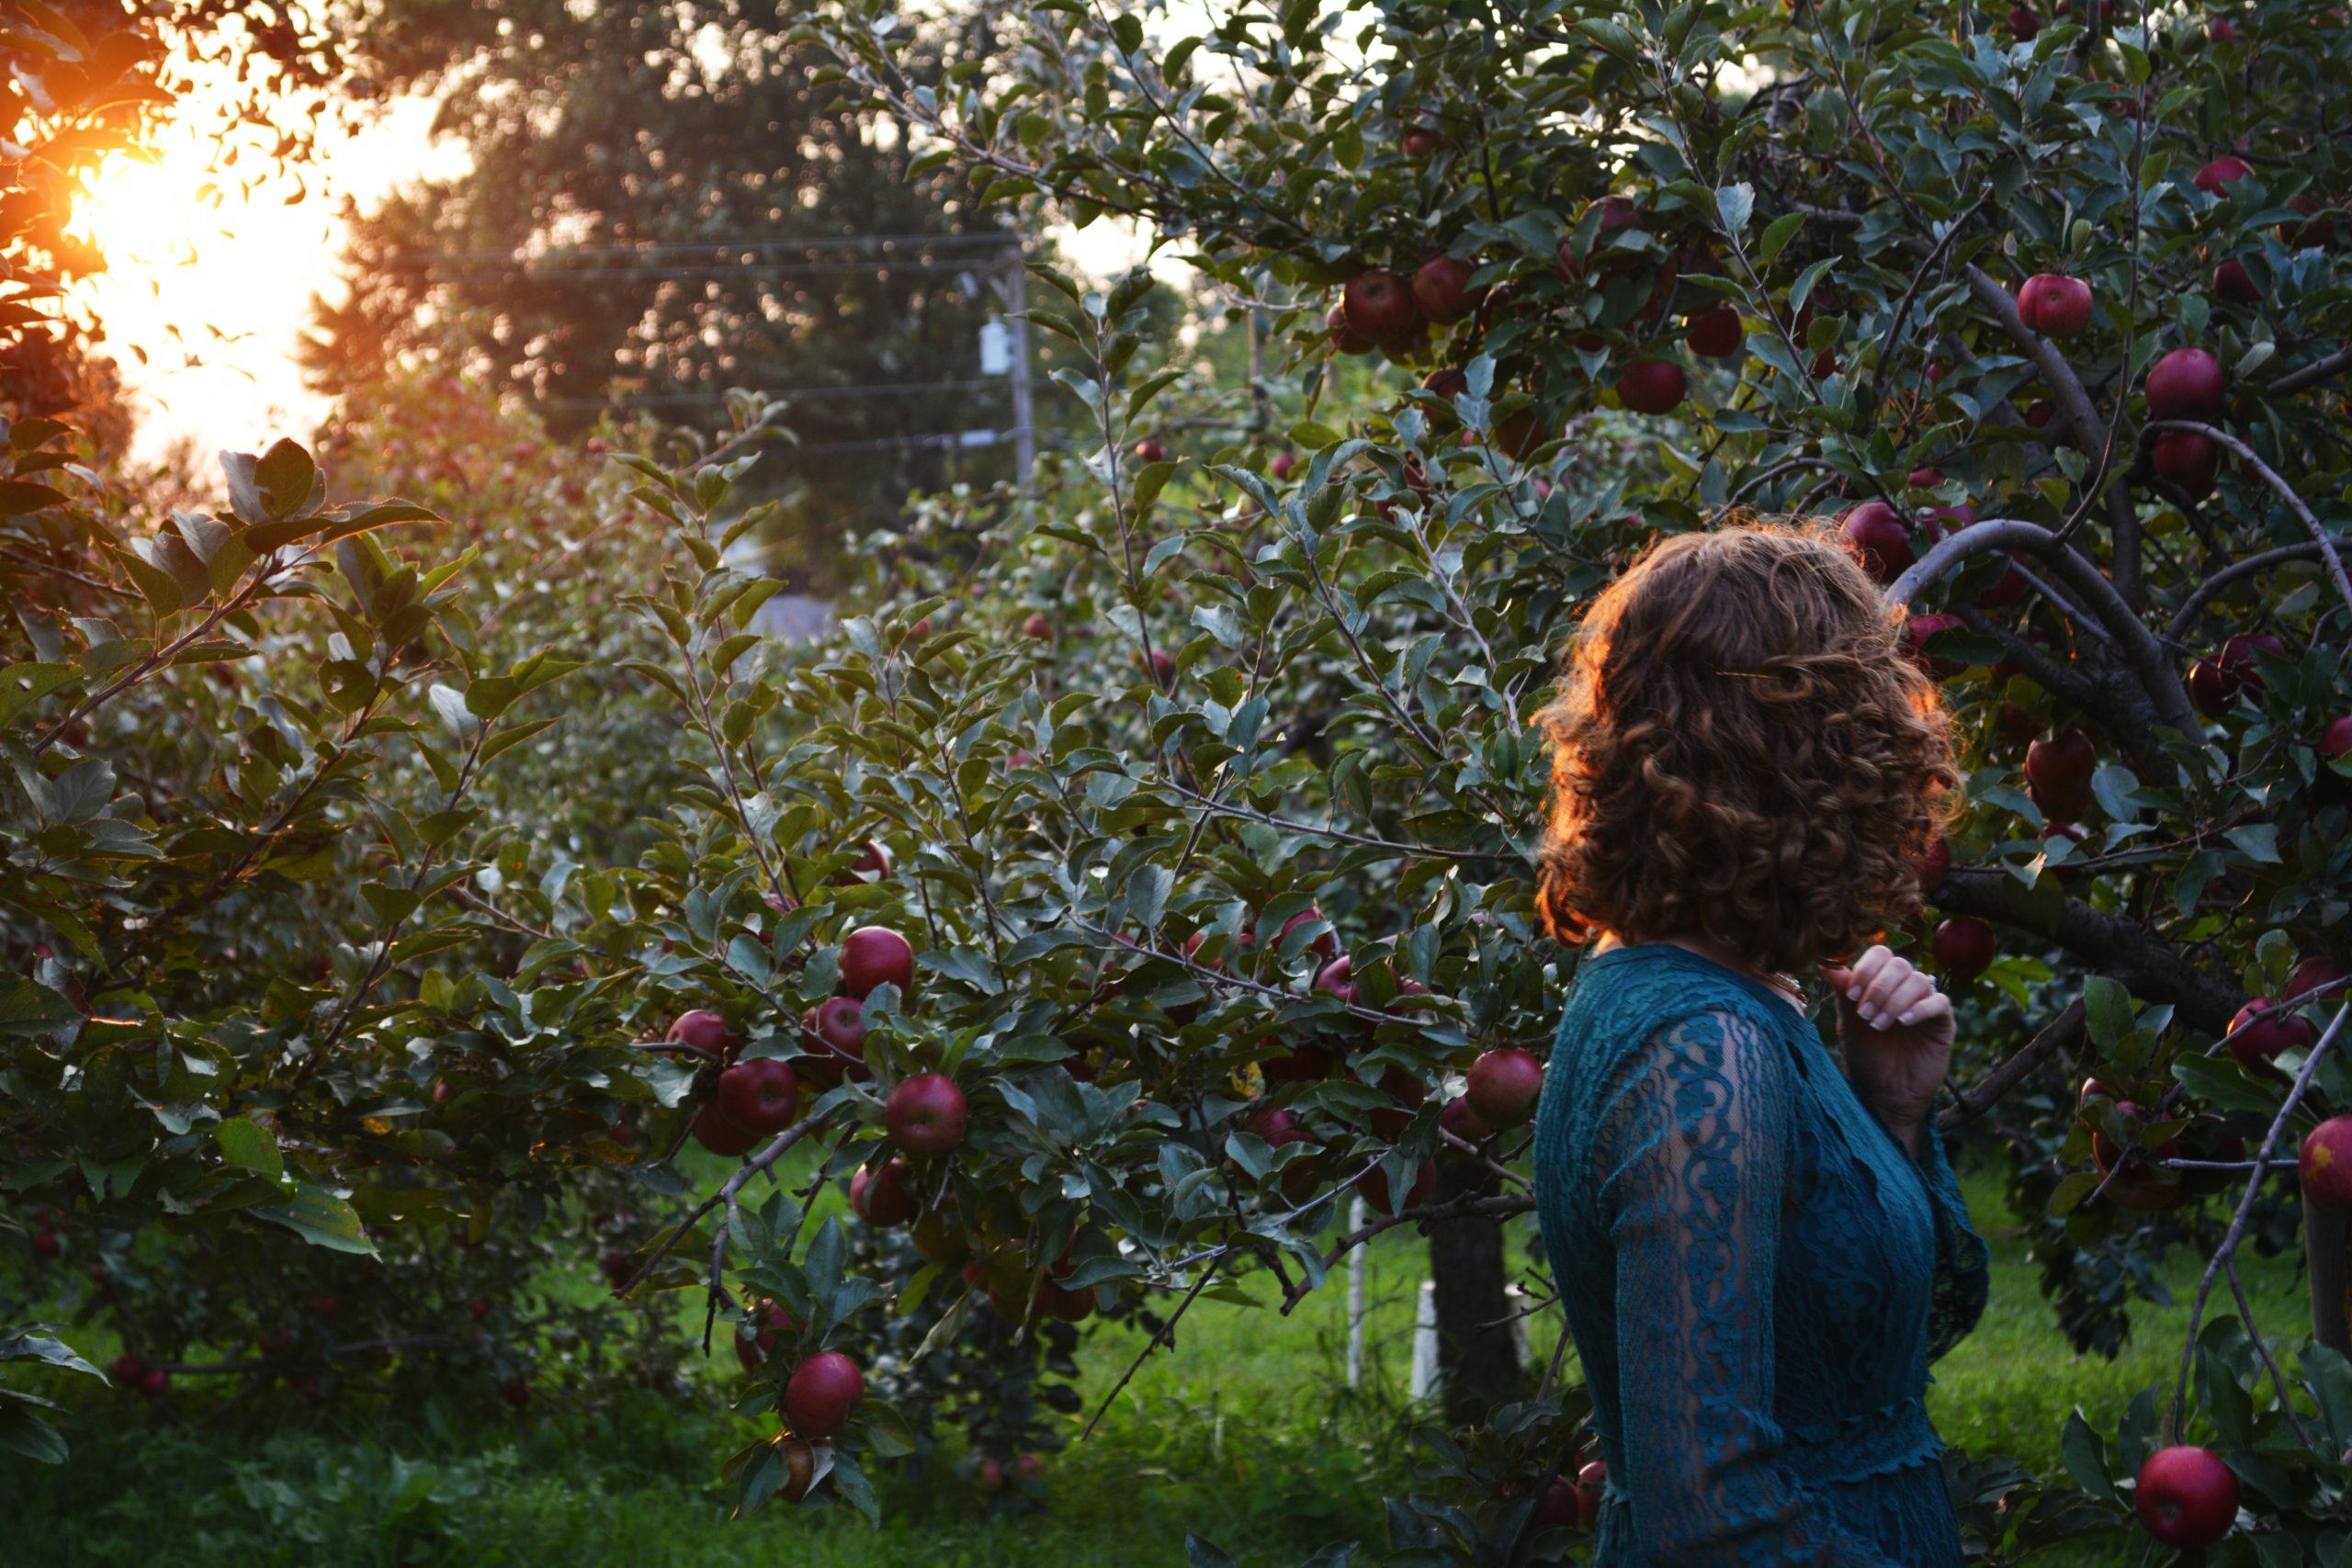 Apfelbaumgarten, Foto von Marissa Price auf Unsplash